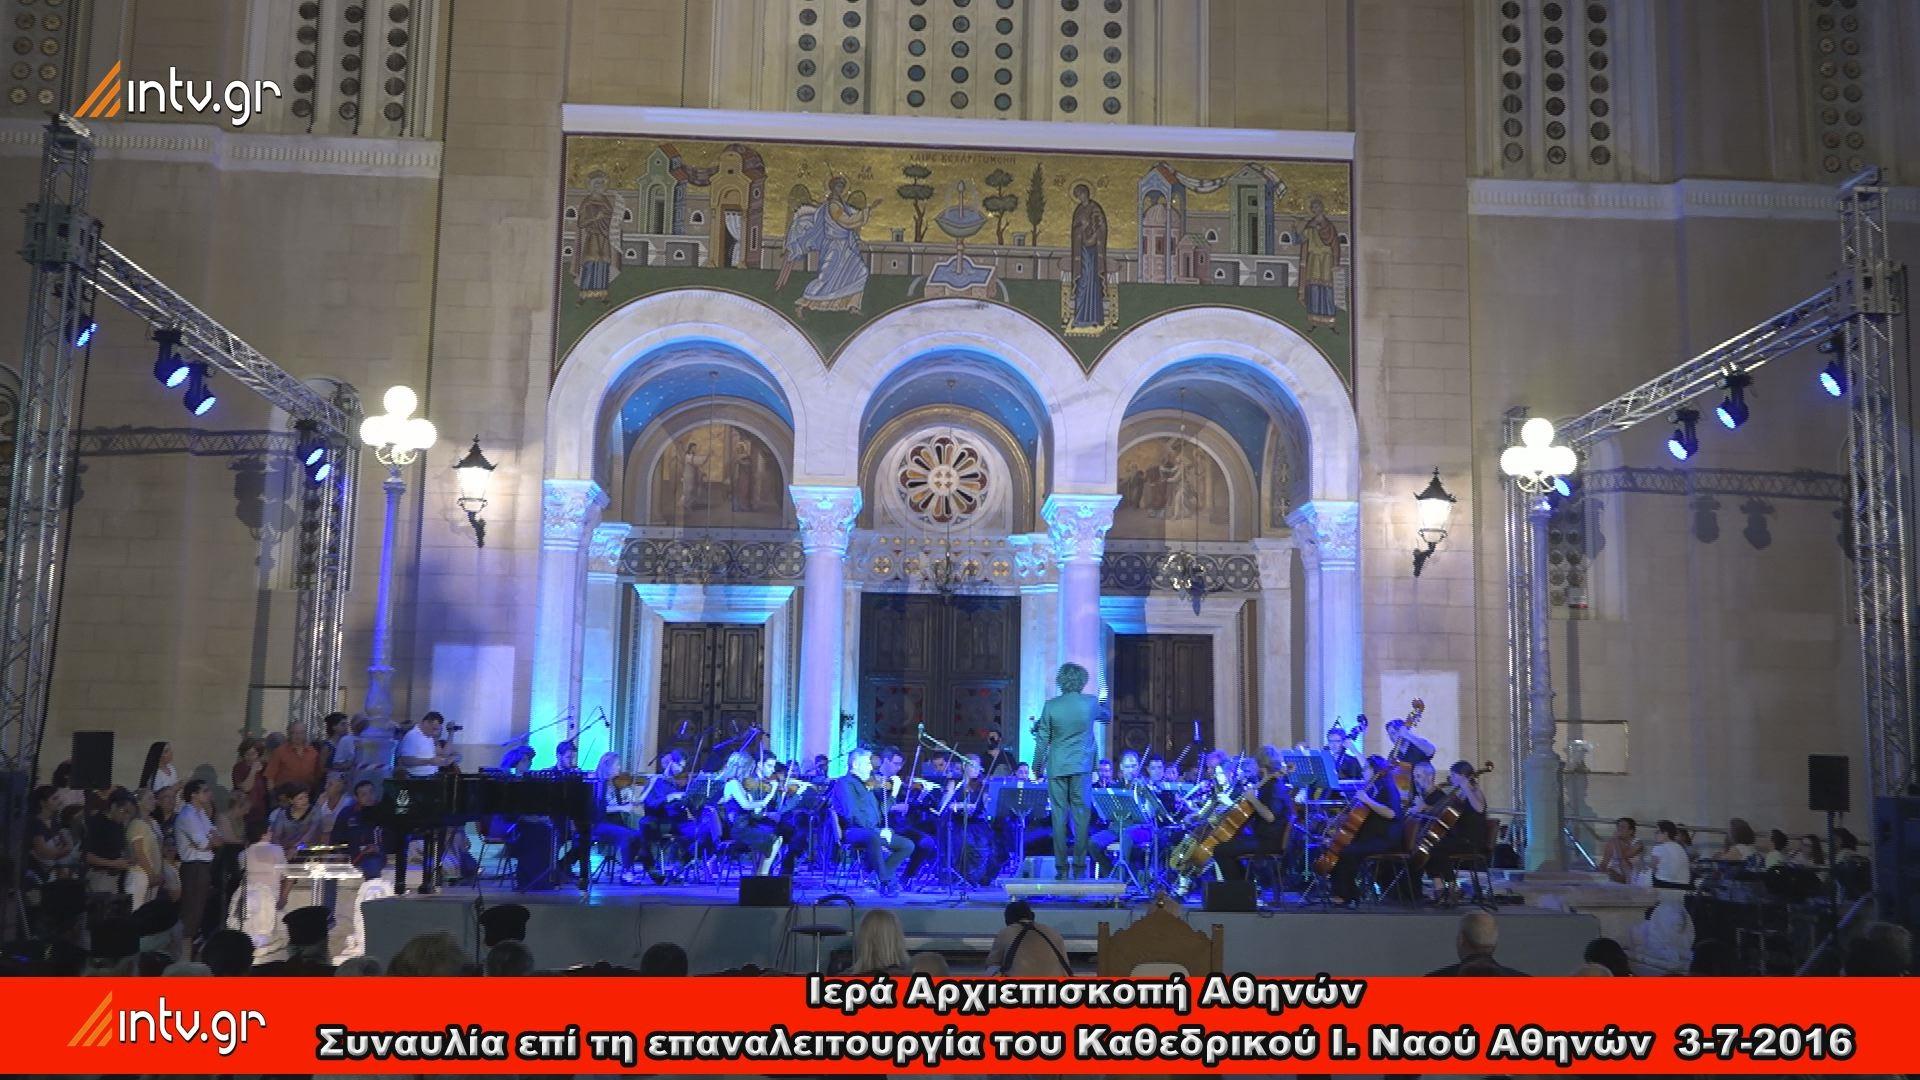 Ιερά Αρχιεπισκοπή Αθηνών - Συναυλία επί τη επαναλειτουργία του Καθεδρικού Ιερού Ναού Αθηνών